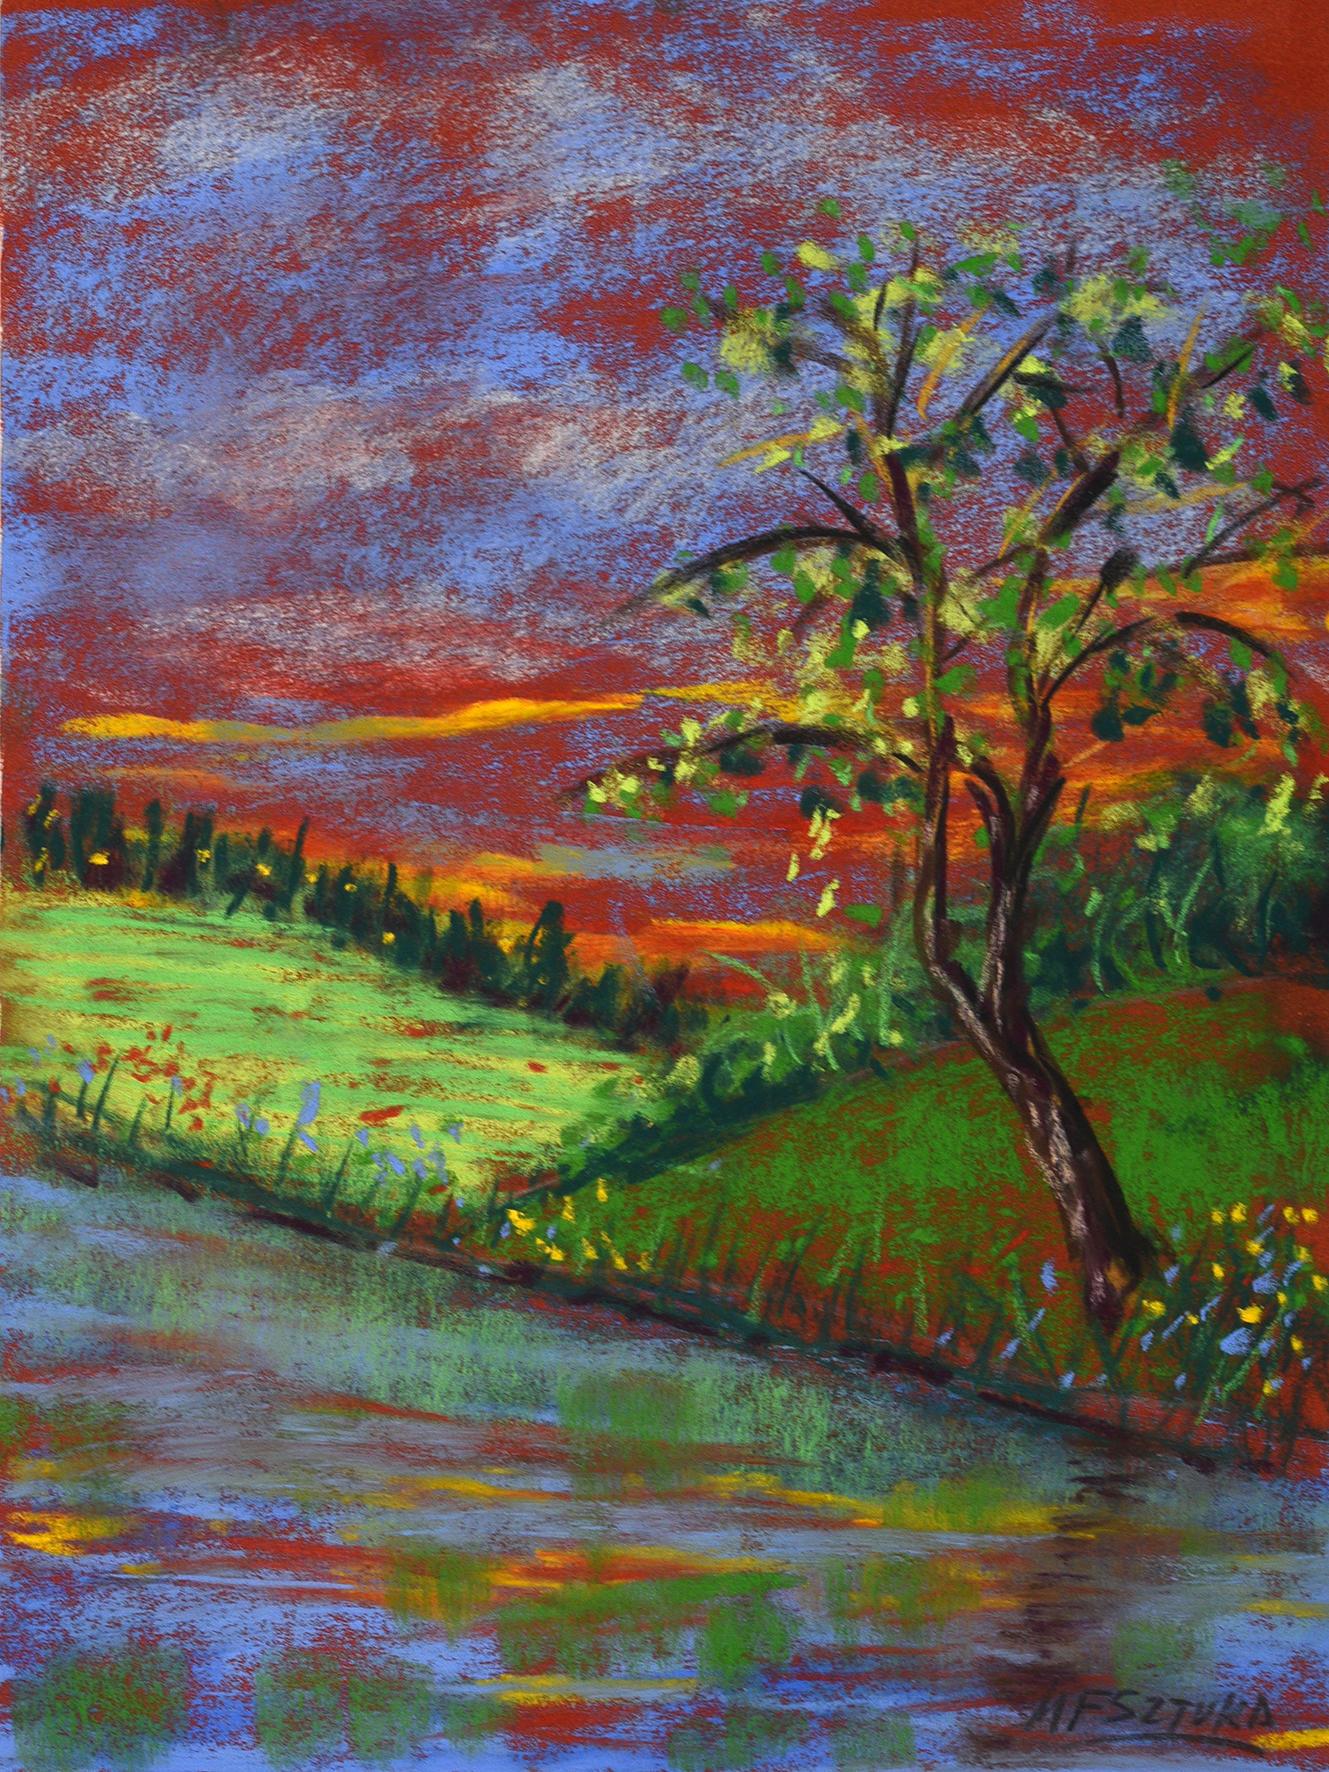 """<span style=""""color: #ff0000;""""><a style=""""color: #ff0000;"""" href=""""mailto:mfsztuka@orange.fr?subject=Défi 15 dessins 15 semaines - Au bord de l'eau"""">Contacter l'artiste</a></span> Marie-Françoise Sztuka - Au bord de l'eau - 40 euros (transaction directement avec l'artiste) - pastels secs sur papier cartonné - 33 x 25 cm"""